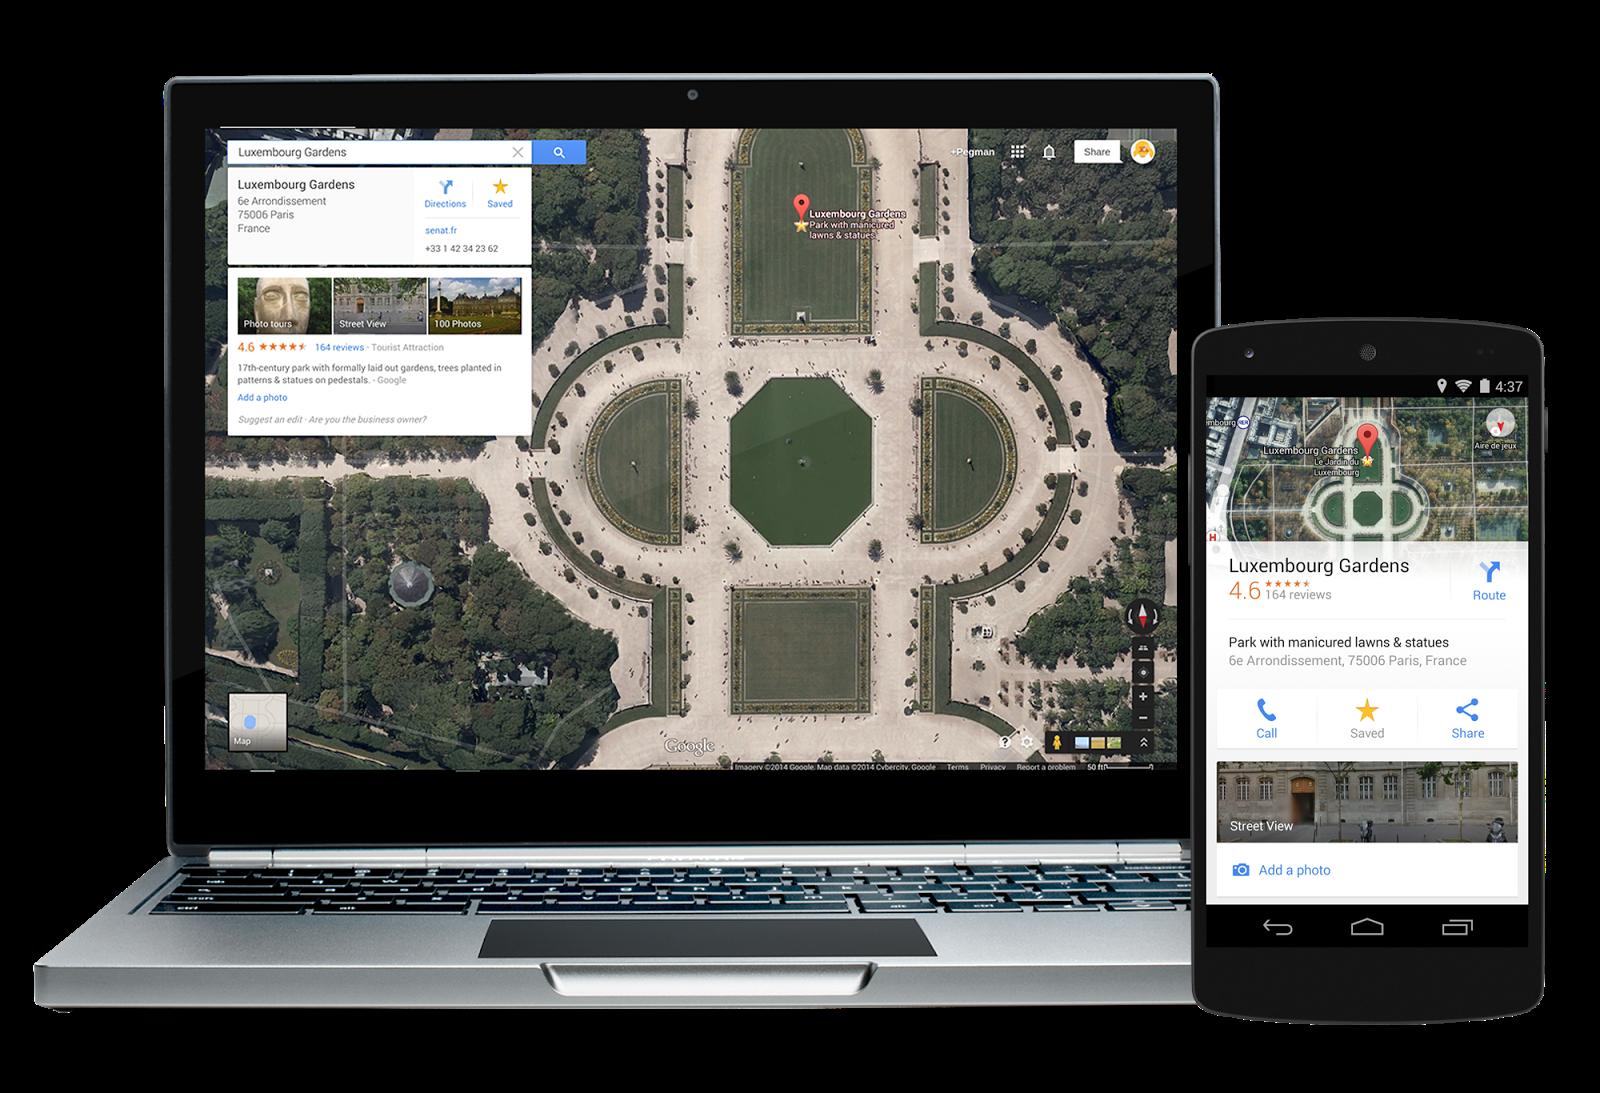 Новые мобильные карты Google: офлайновые карты, синхронизация, фильтры мест, интеграция с Uber